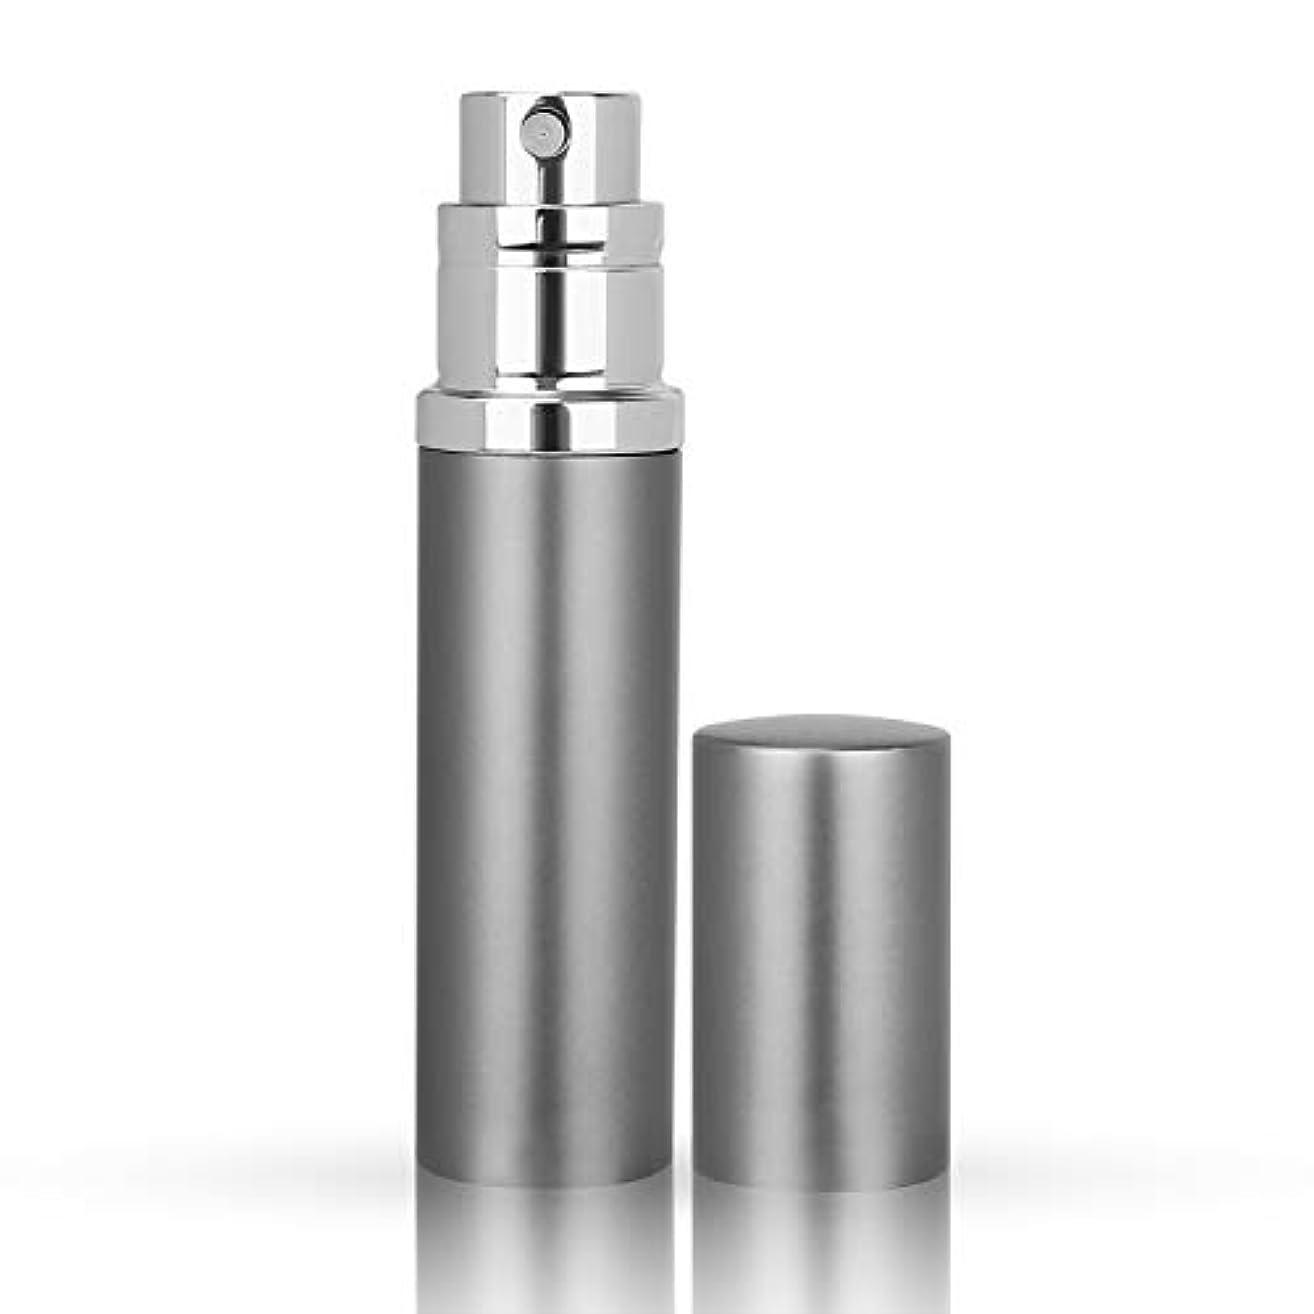 探すありふれた荒涼としたMOOMU アトマイザー 香水スプレー 噴霧器 詰め替え容器 底部充填方式 携帯用5ml (シルバー Silver)